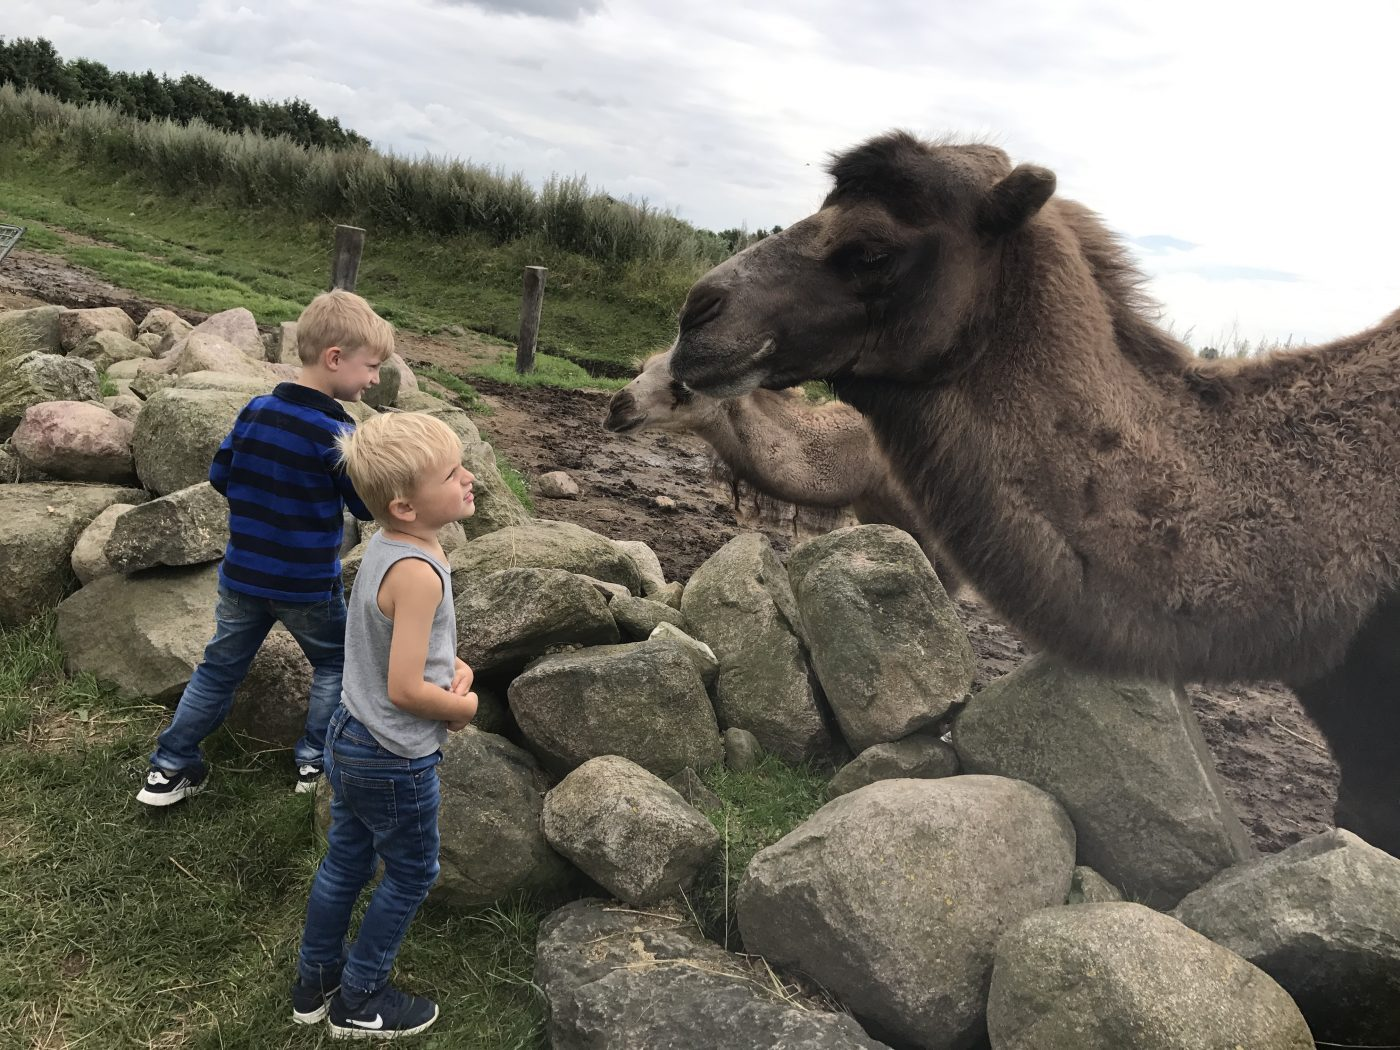 zoopark kamel